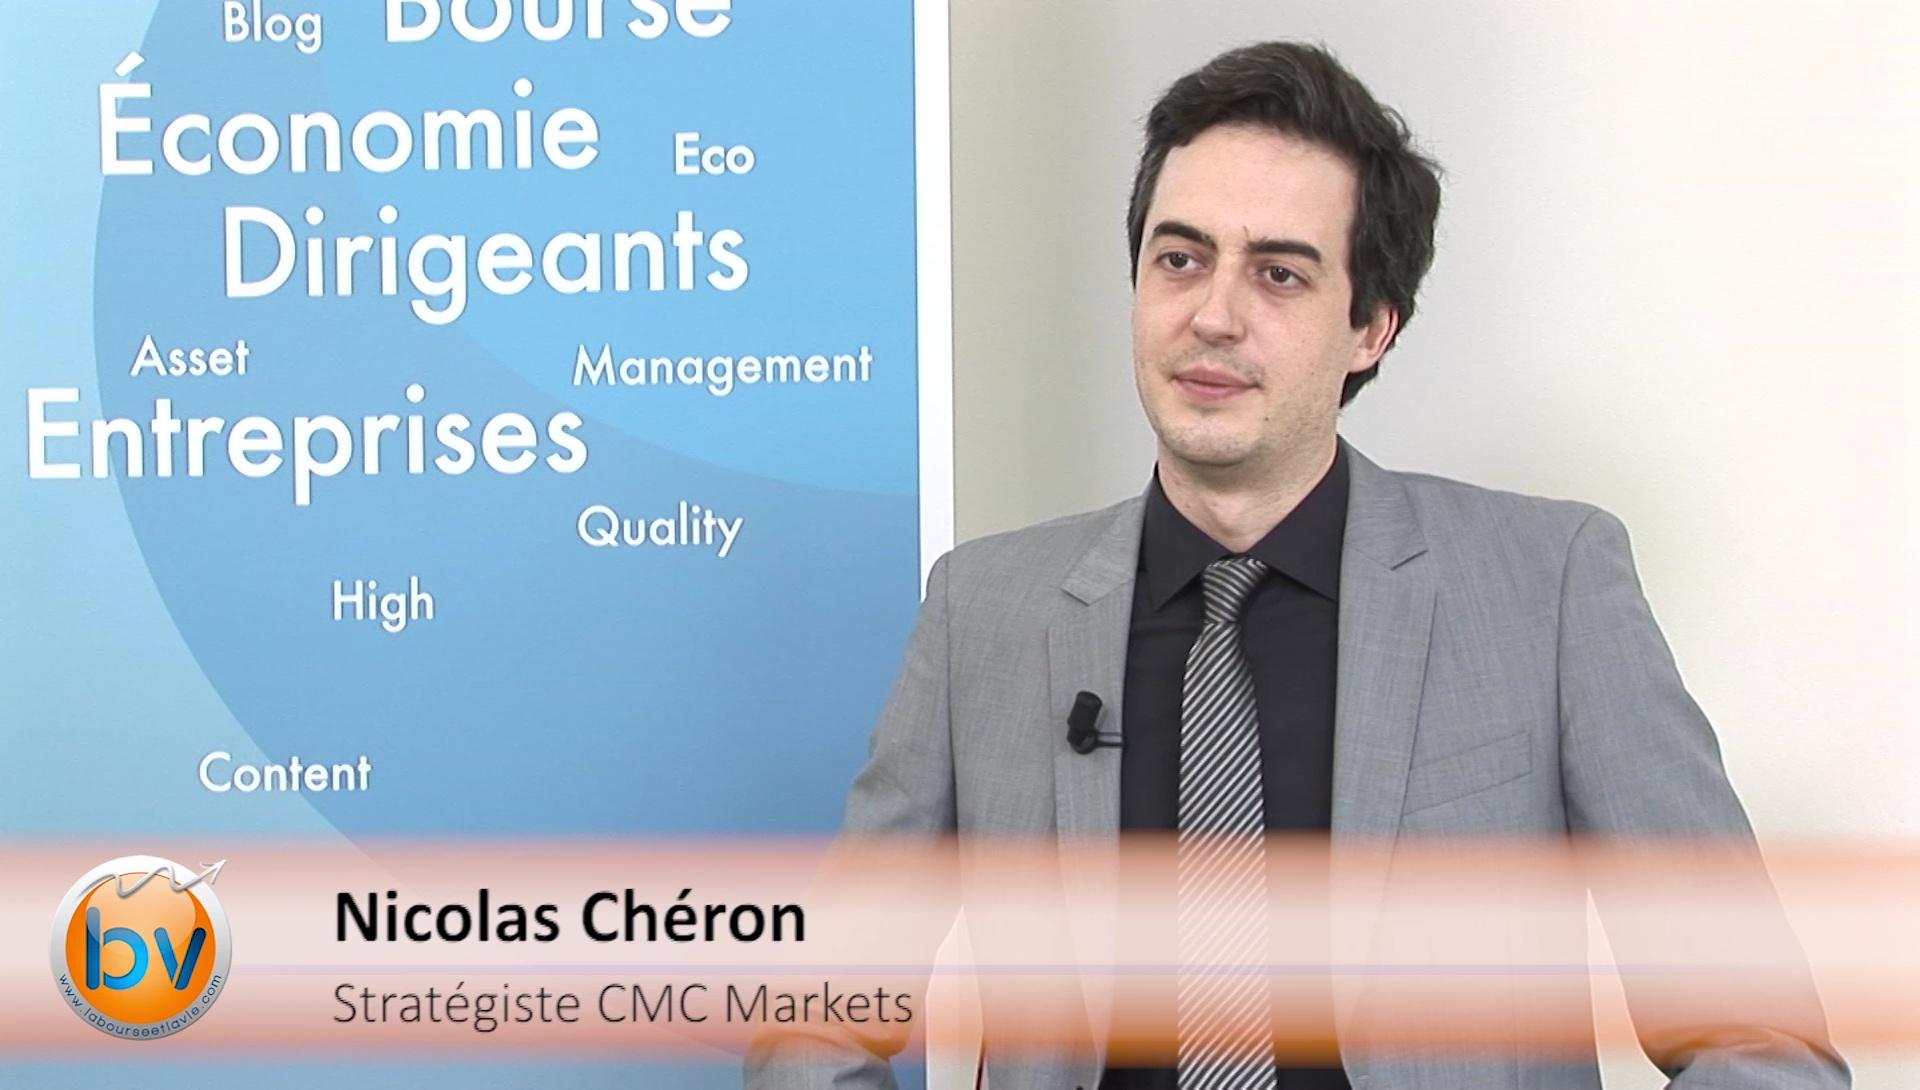 """Nicolas Chéron Stratégiste CMC Markets : """"Le particulier peut se donner le temps dans ces phases de marchés"""""""